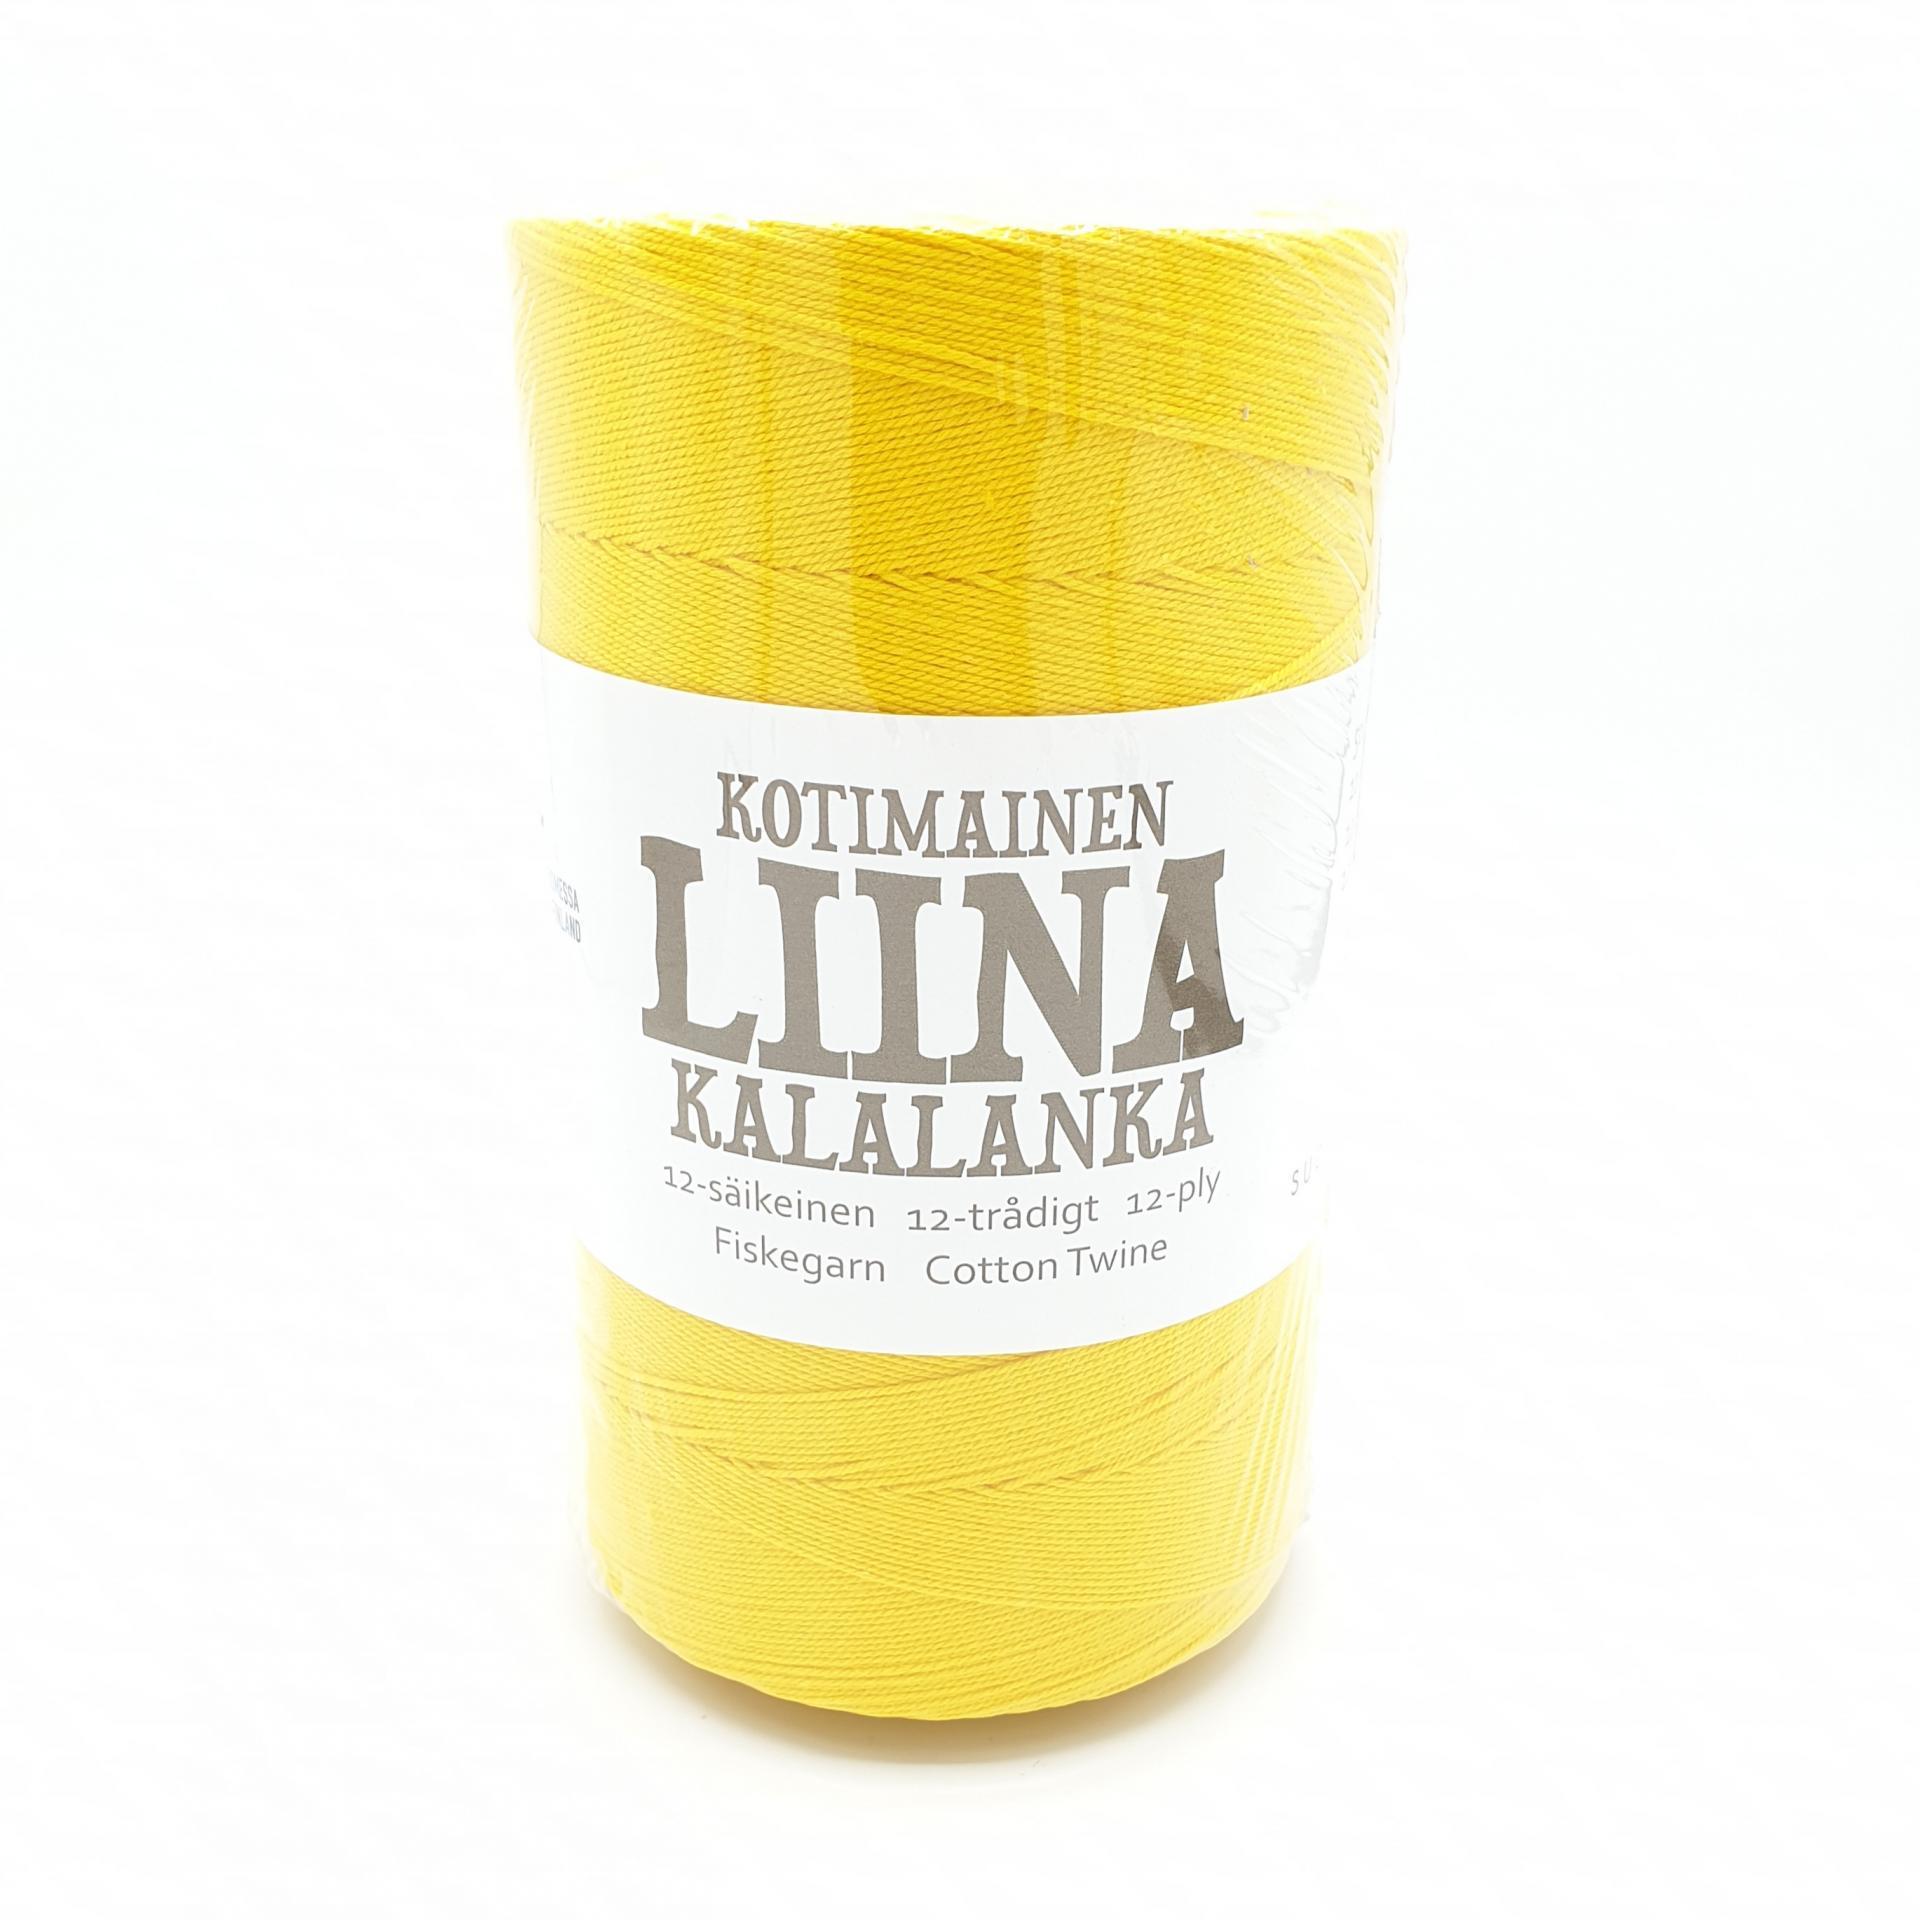 Cono algodon - Liina Kalalanka - Molla Mills - Amarillo